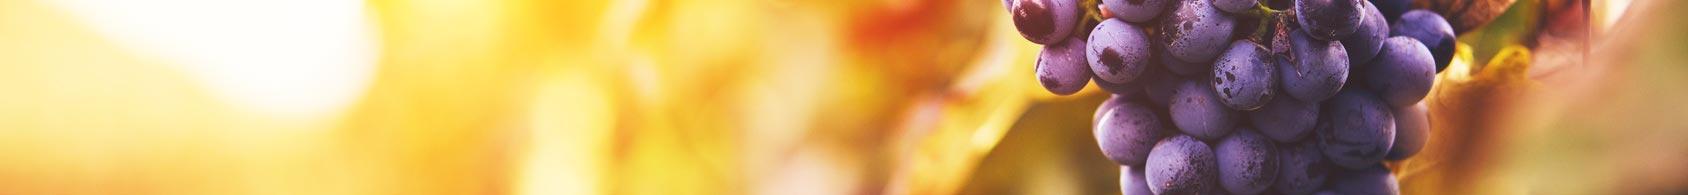 uva bonanno